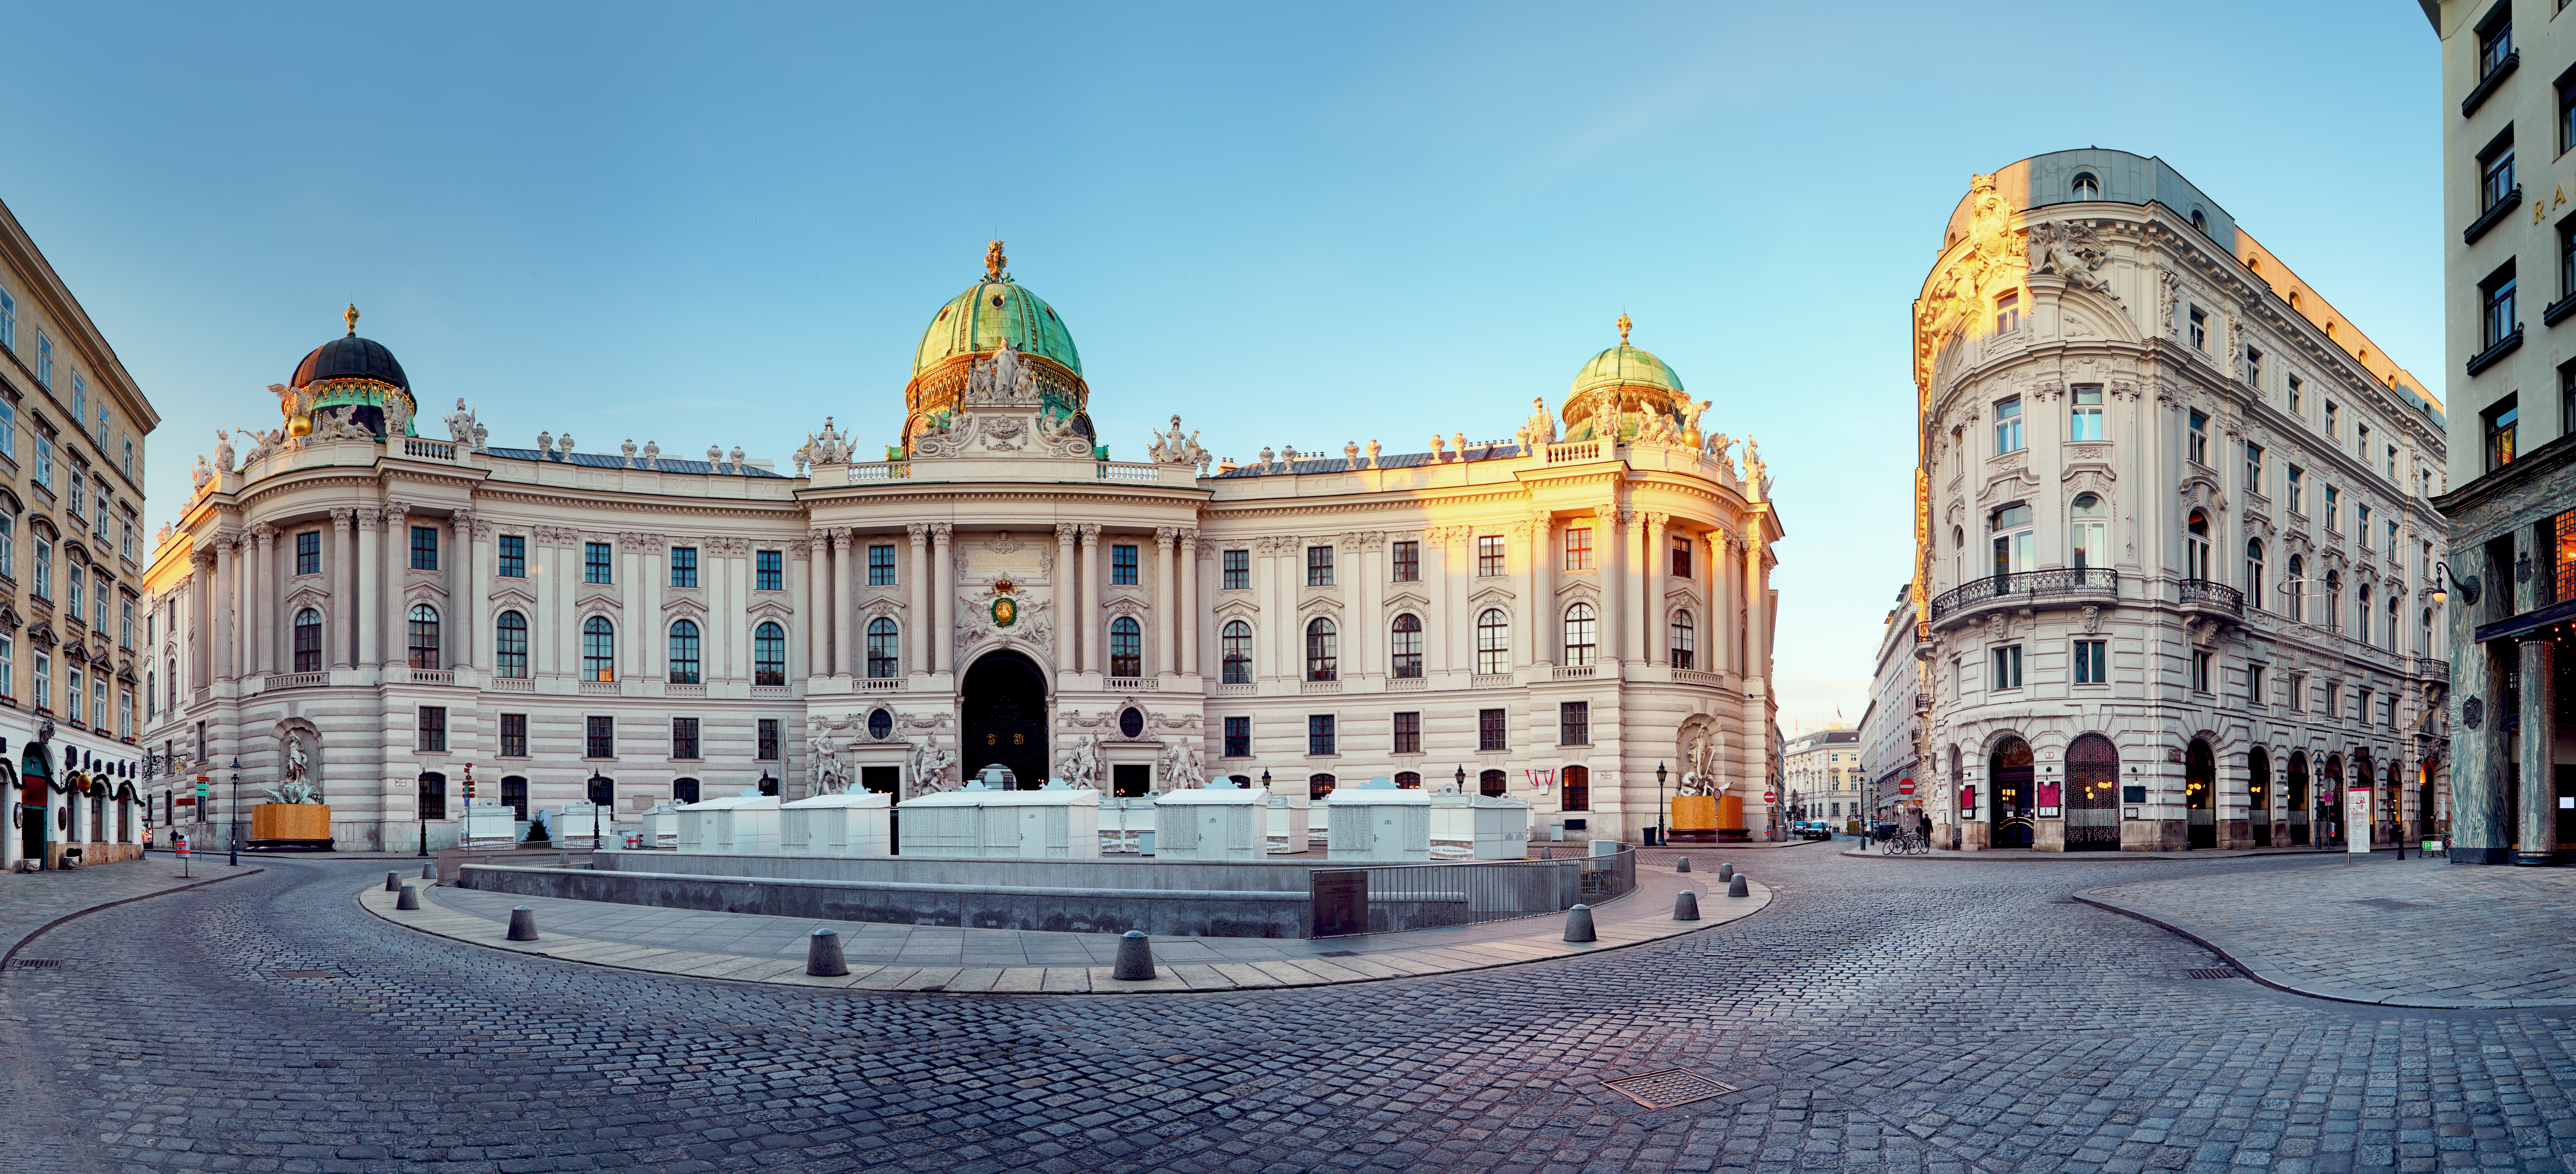 Conoce los objetos más personales de la reina y emperatriz Sissi - Austria Circuito Capitales Imperiales: de Viena a Praga